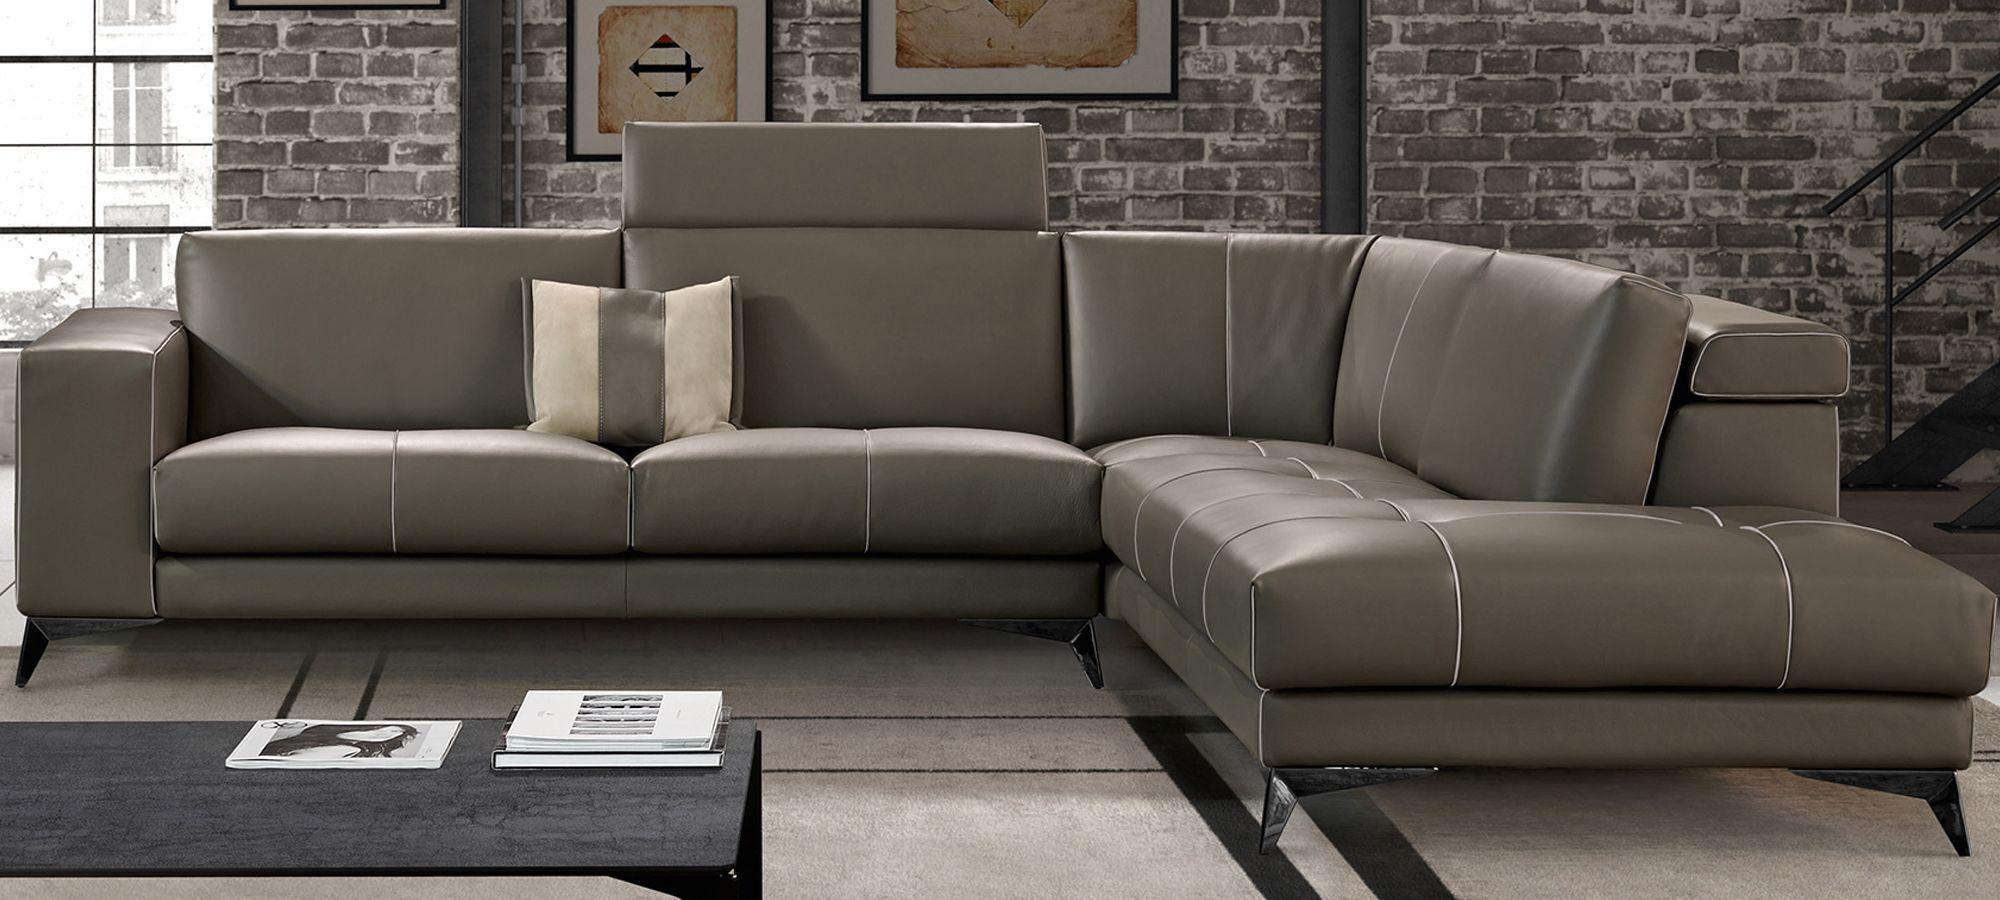 Gamma Charles Italian Furniture Luxury Italian Furniture Furniture